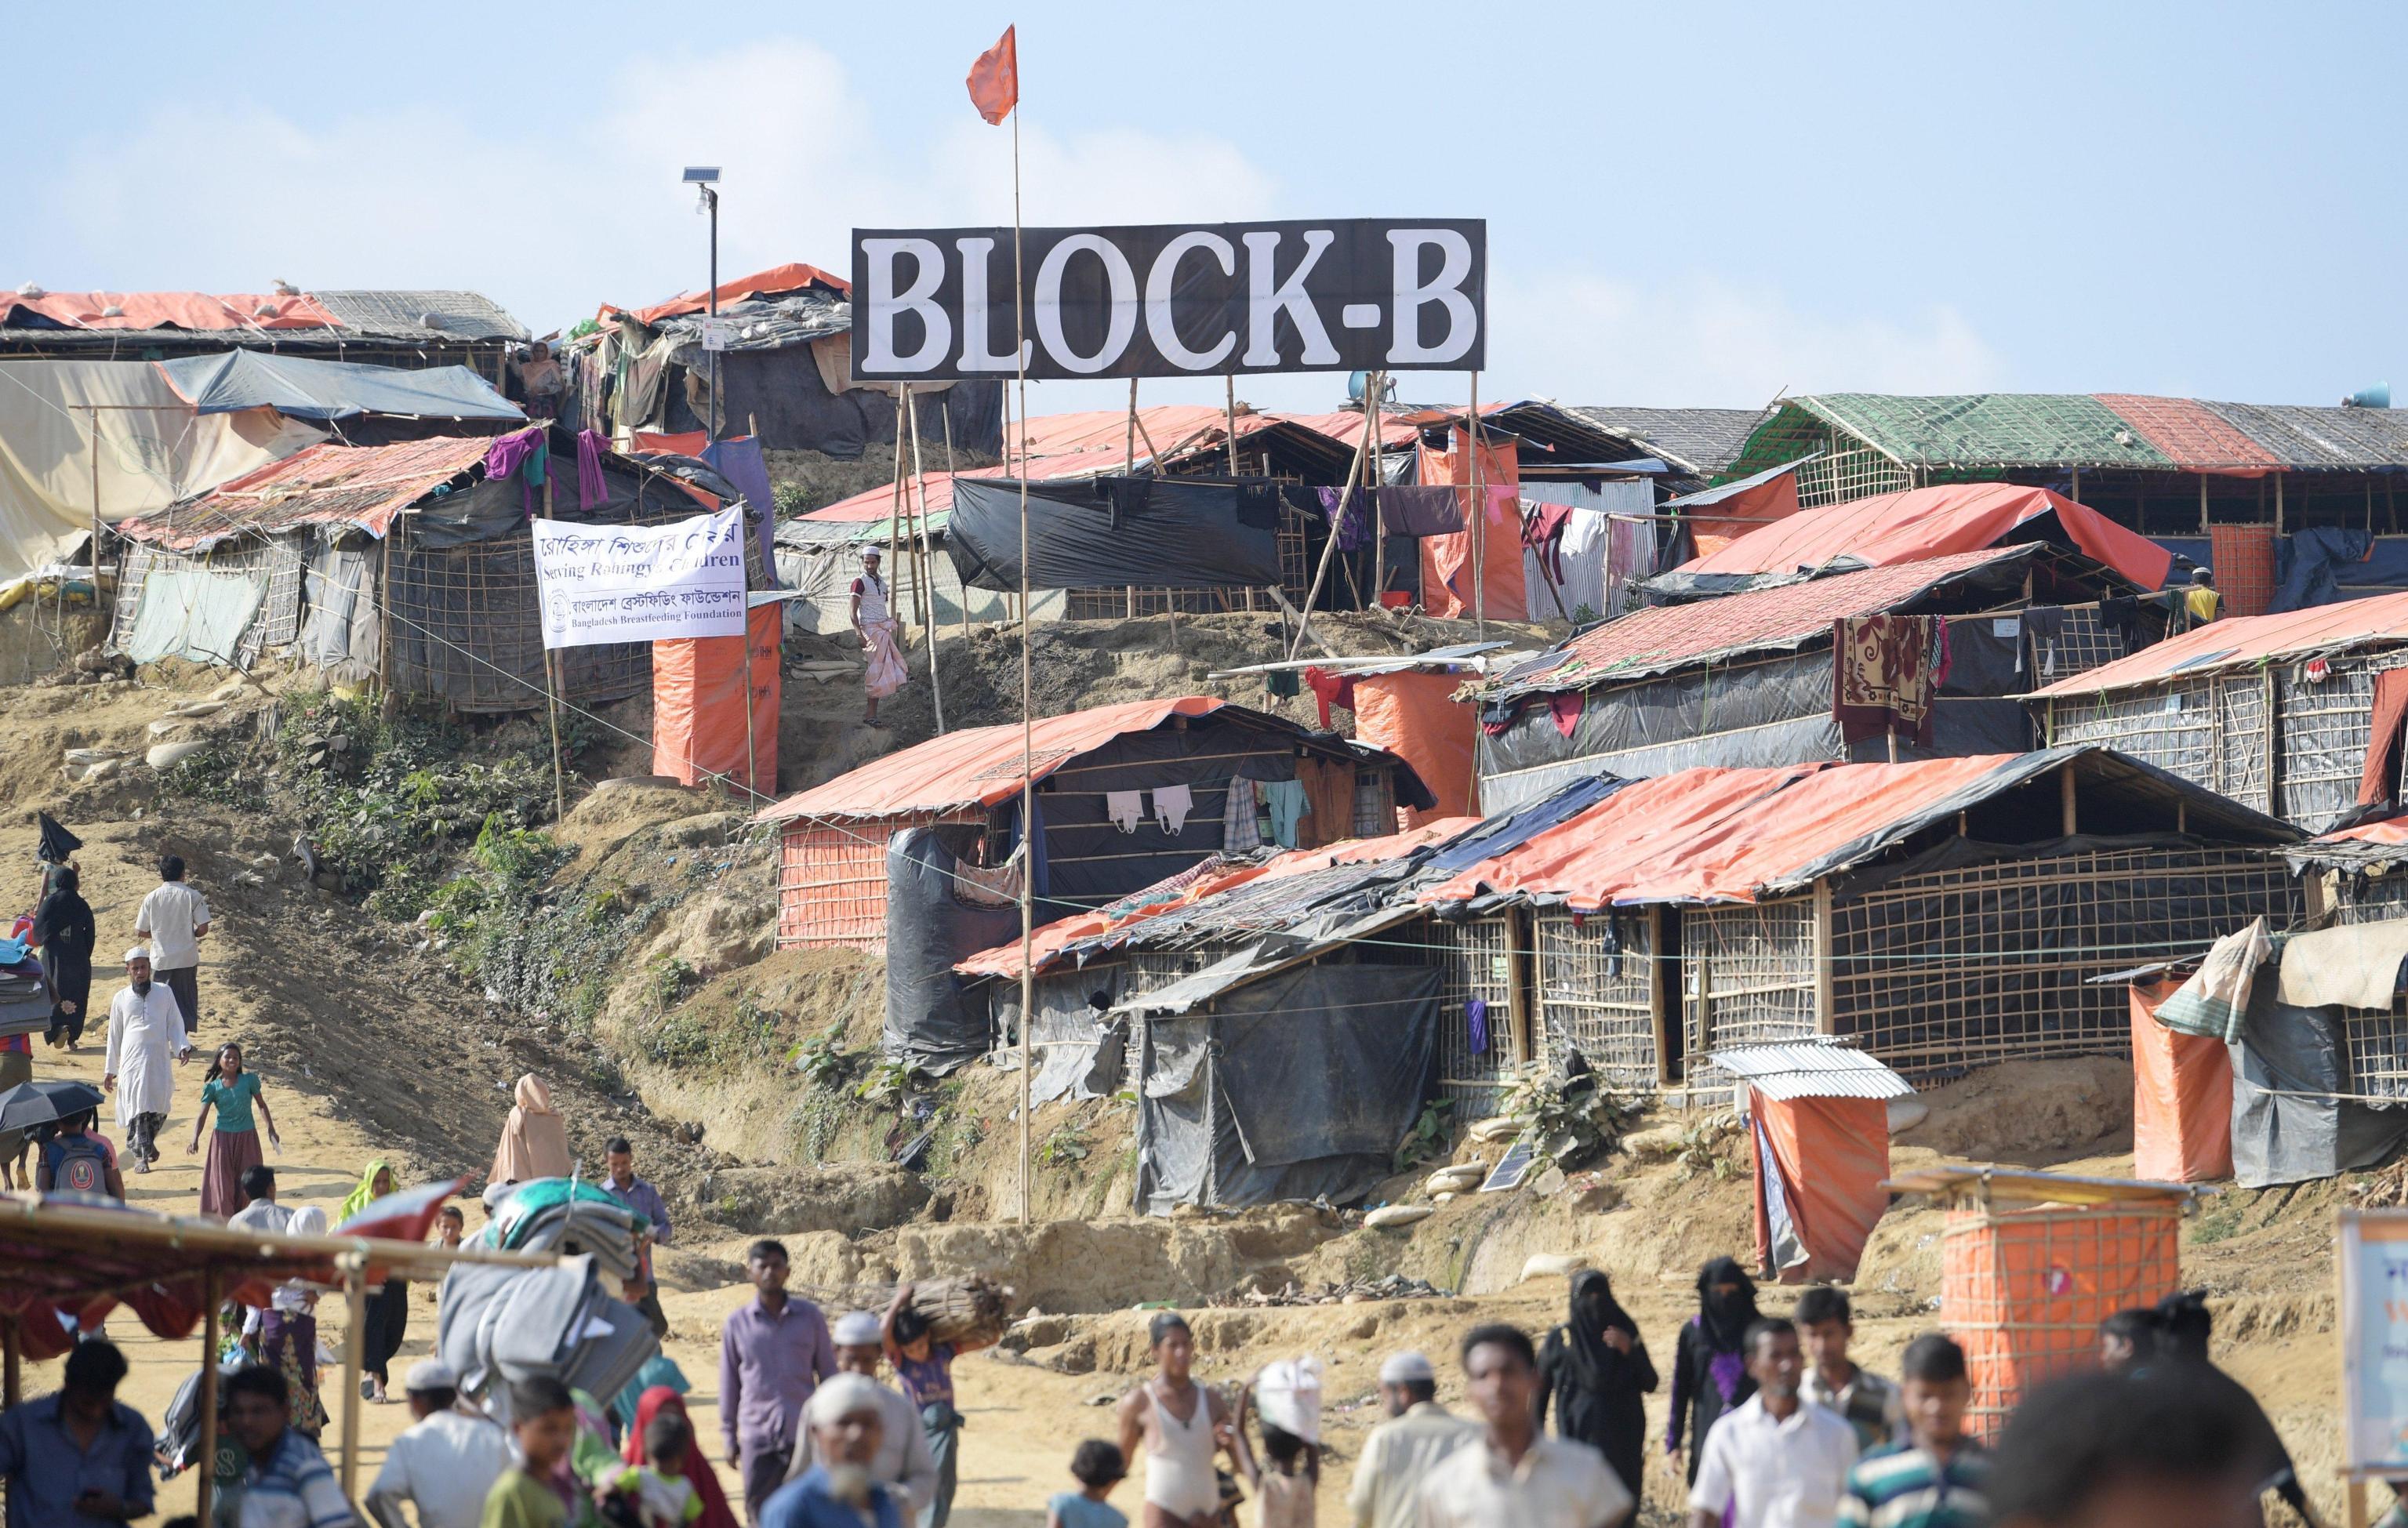 Uno dei settori del campo profughi